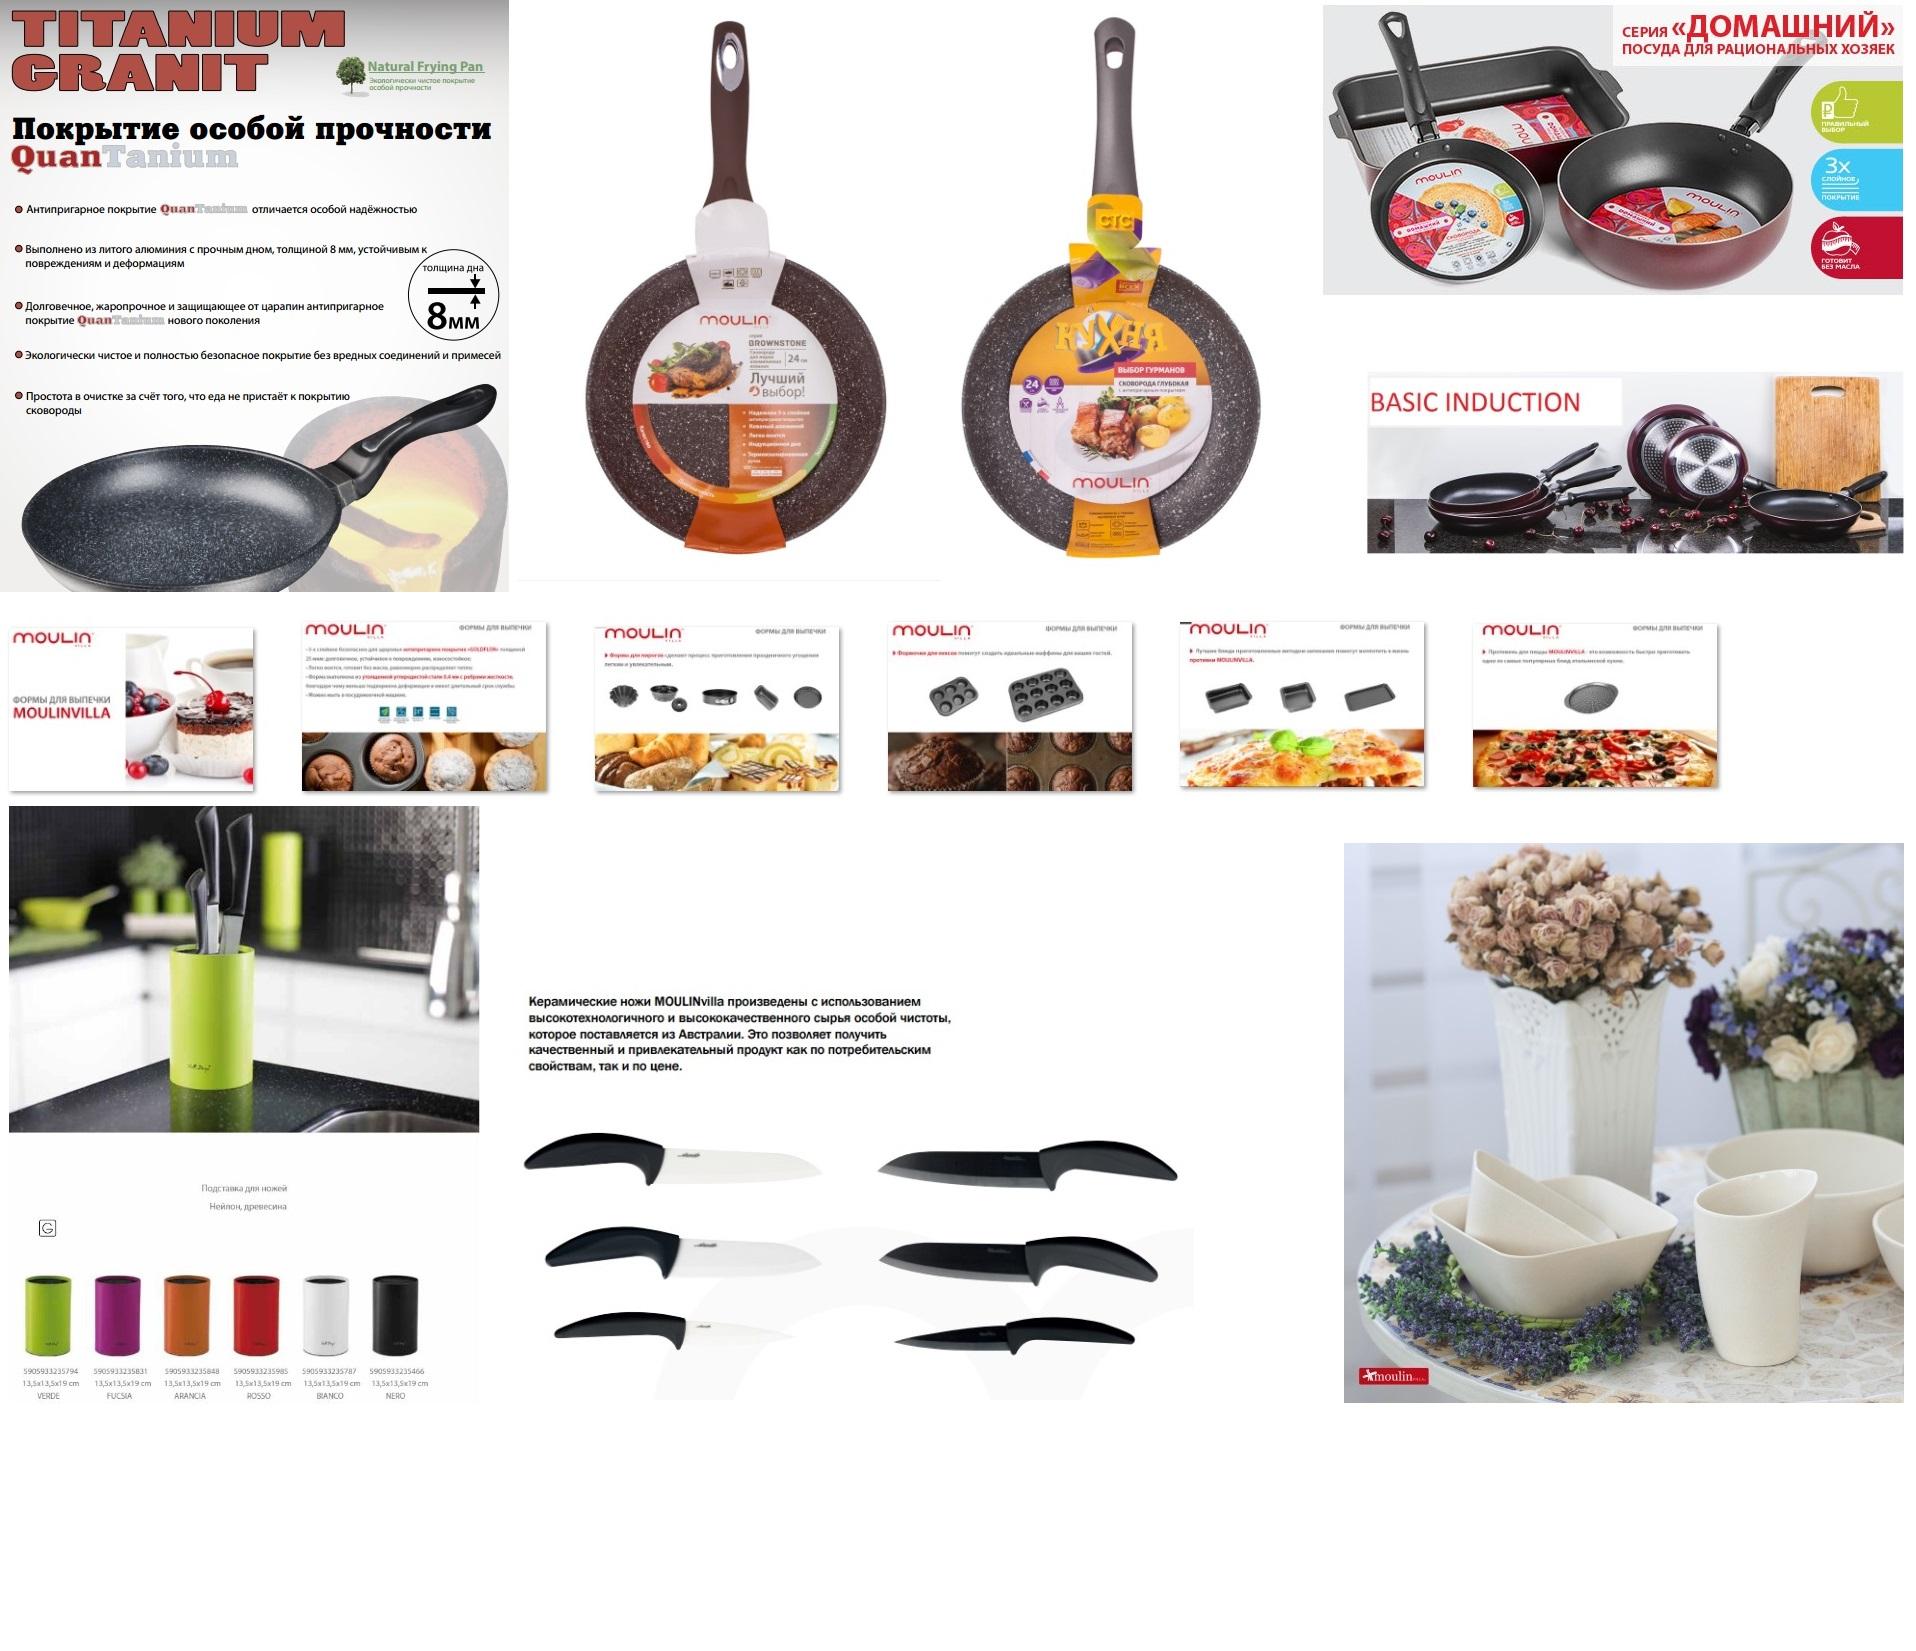 Обновленный пристрой посуды, раздачи 12.09 понедельник, записываемся прямо в галерее под картинкой